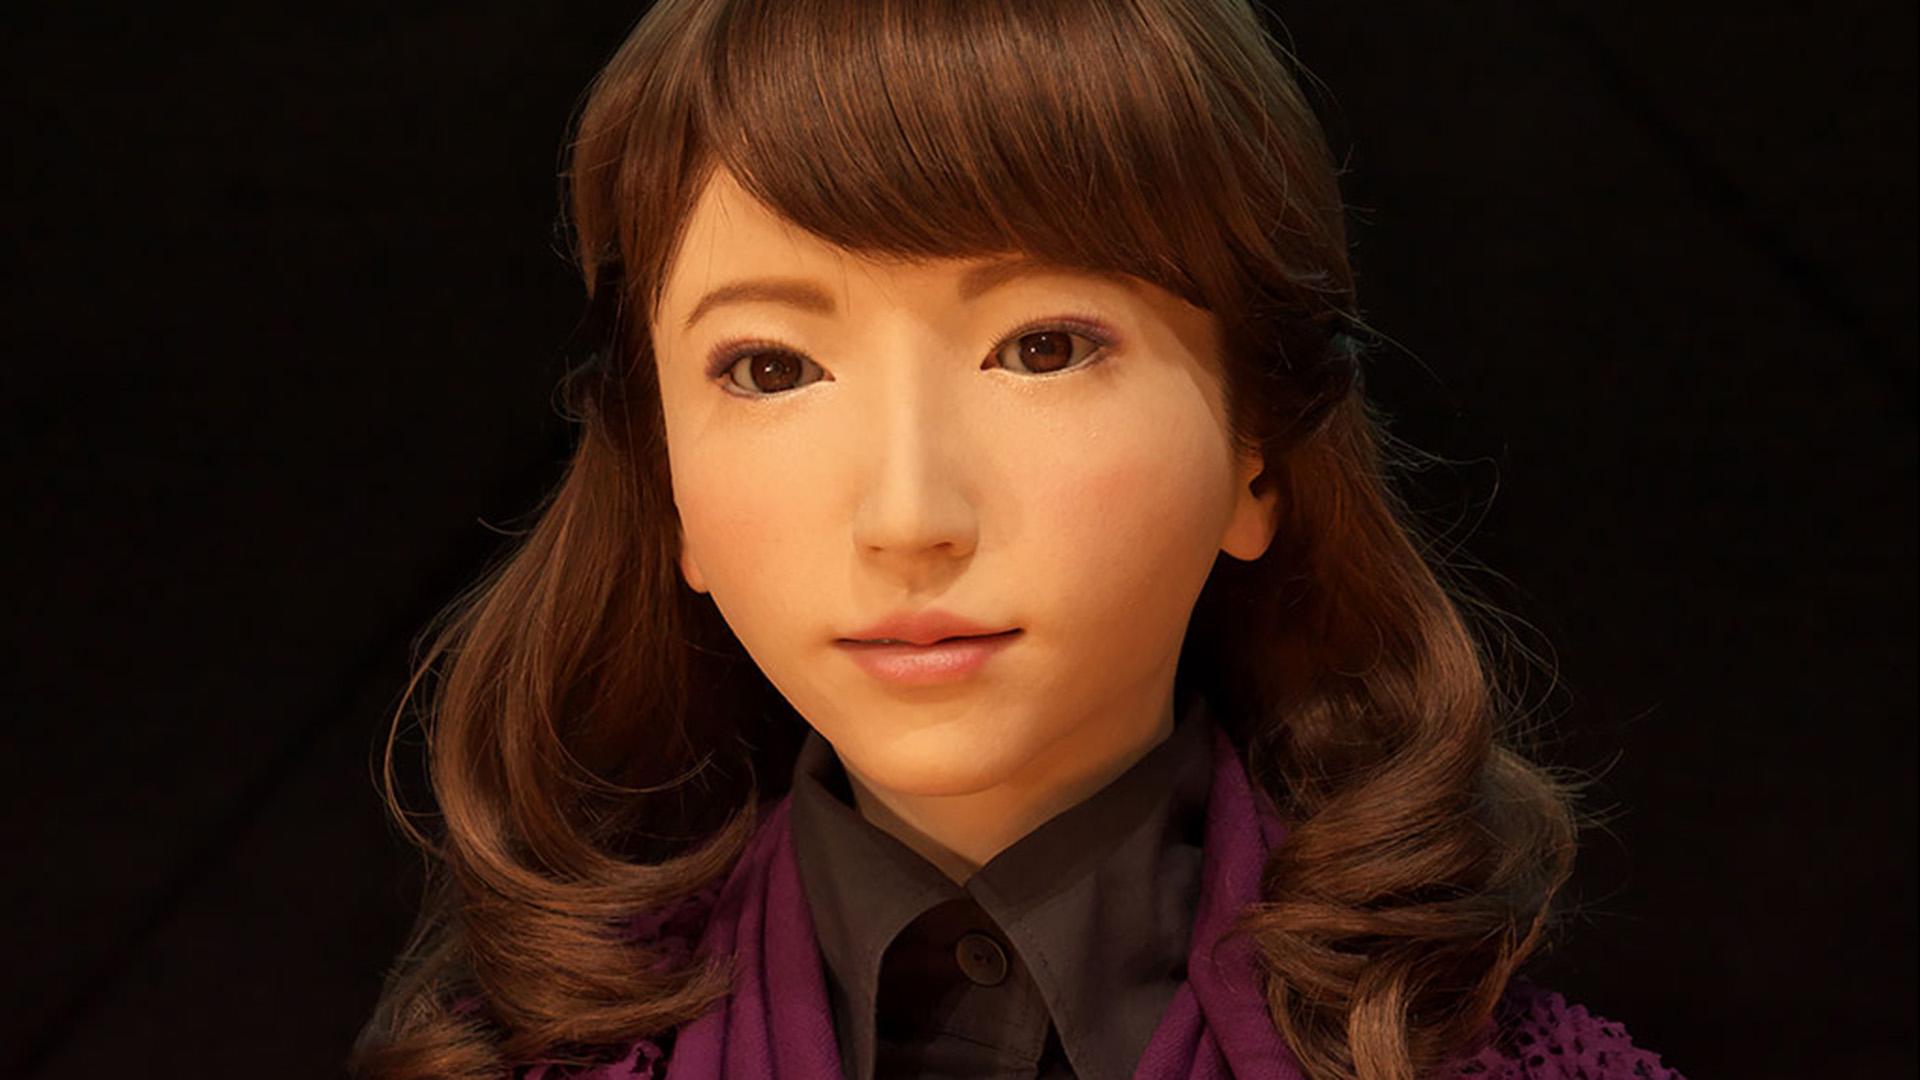 Erica, the robot actress